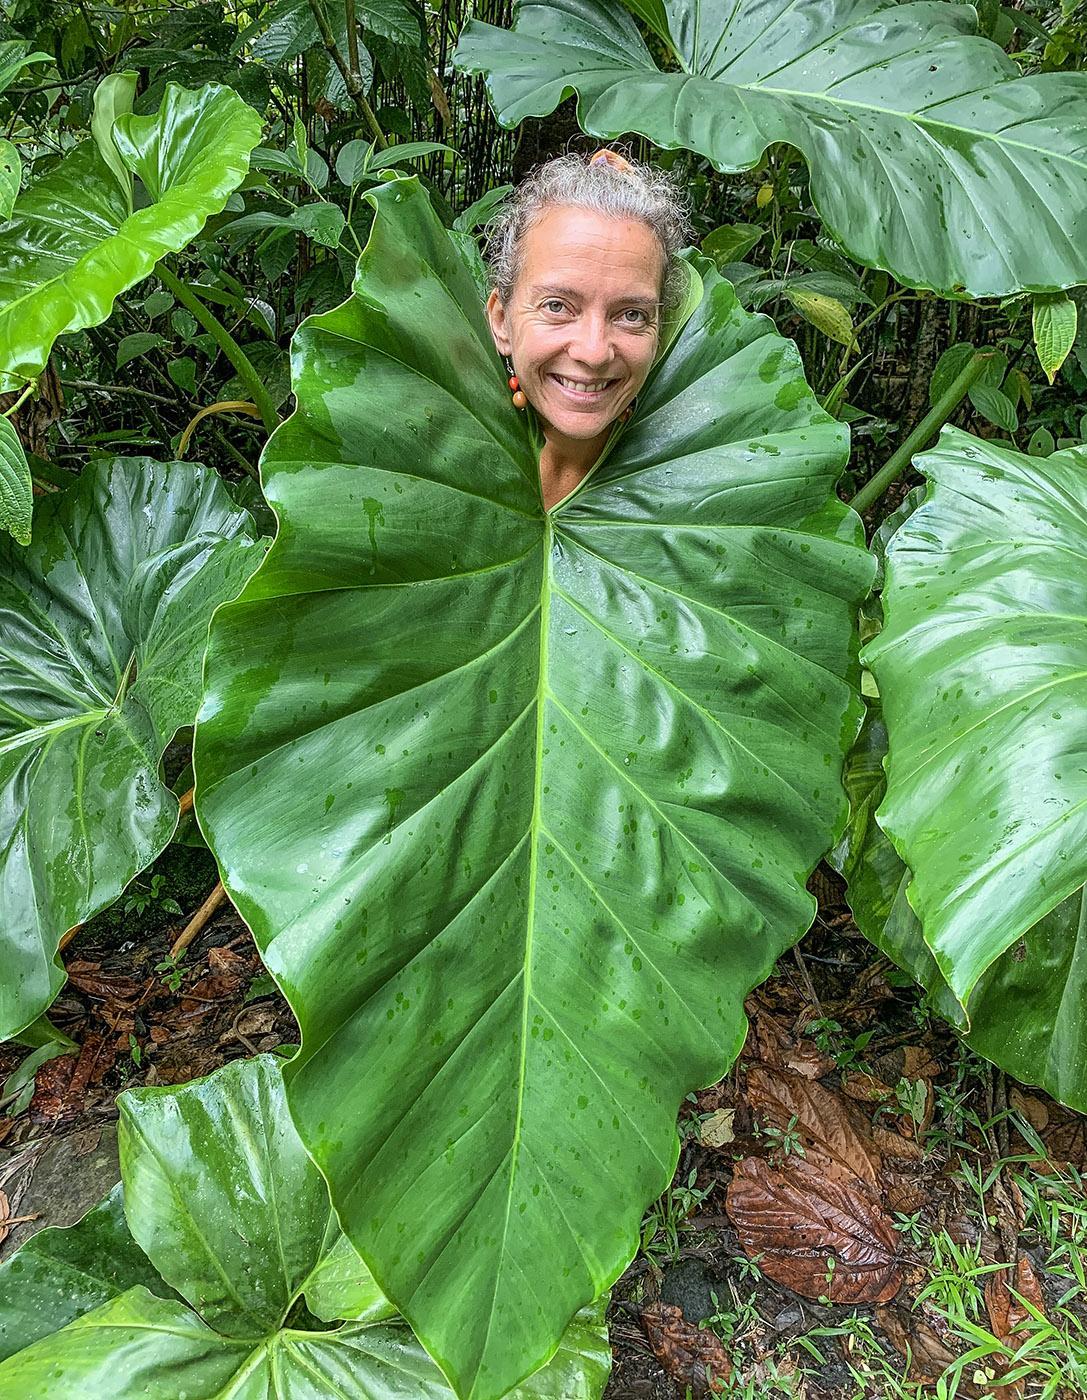 Regenschutz aus dem Regenwald: das Blatt des Philodendron giganteum. Taina Tharsis ist hinein geschlüpft. Foto: Hilke Maunder